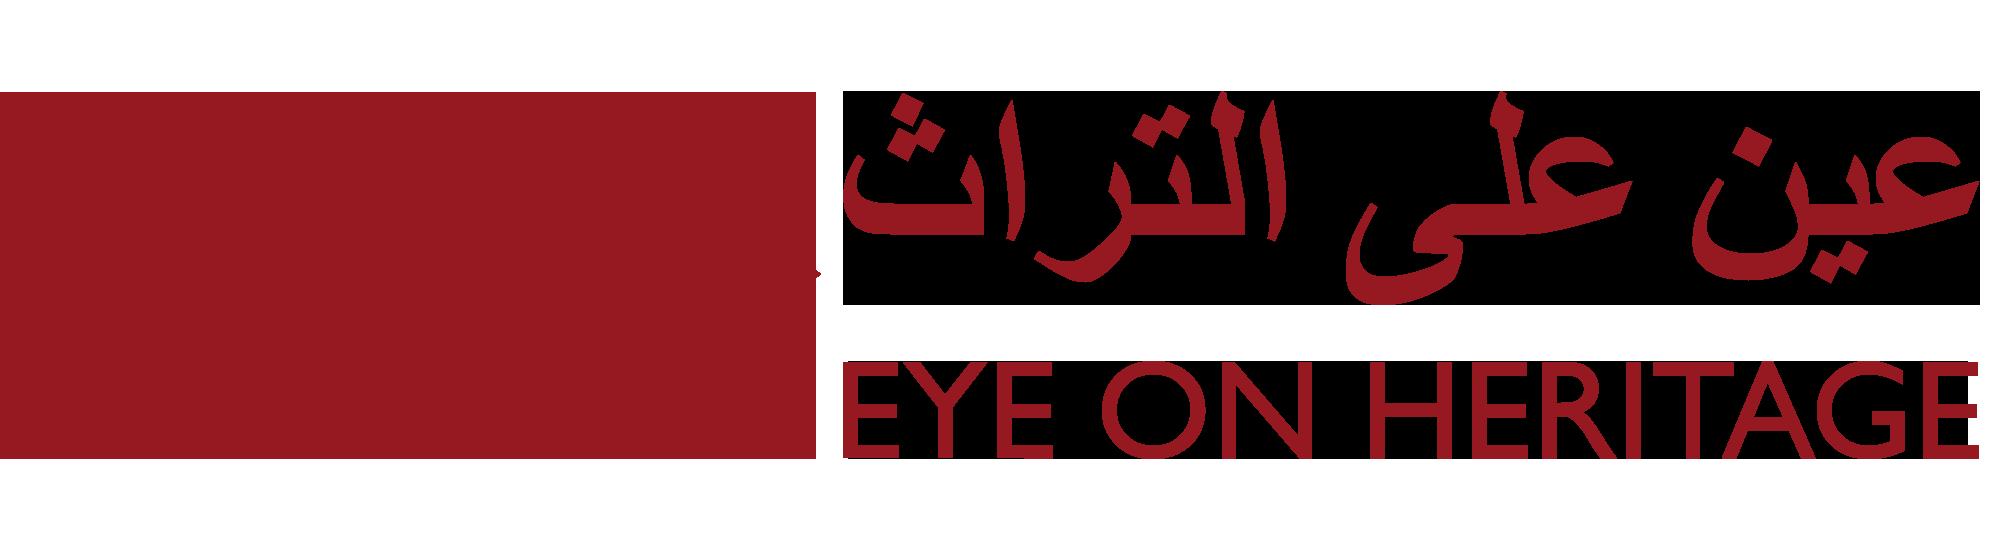 Eye on Heritage